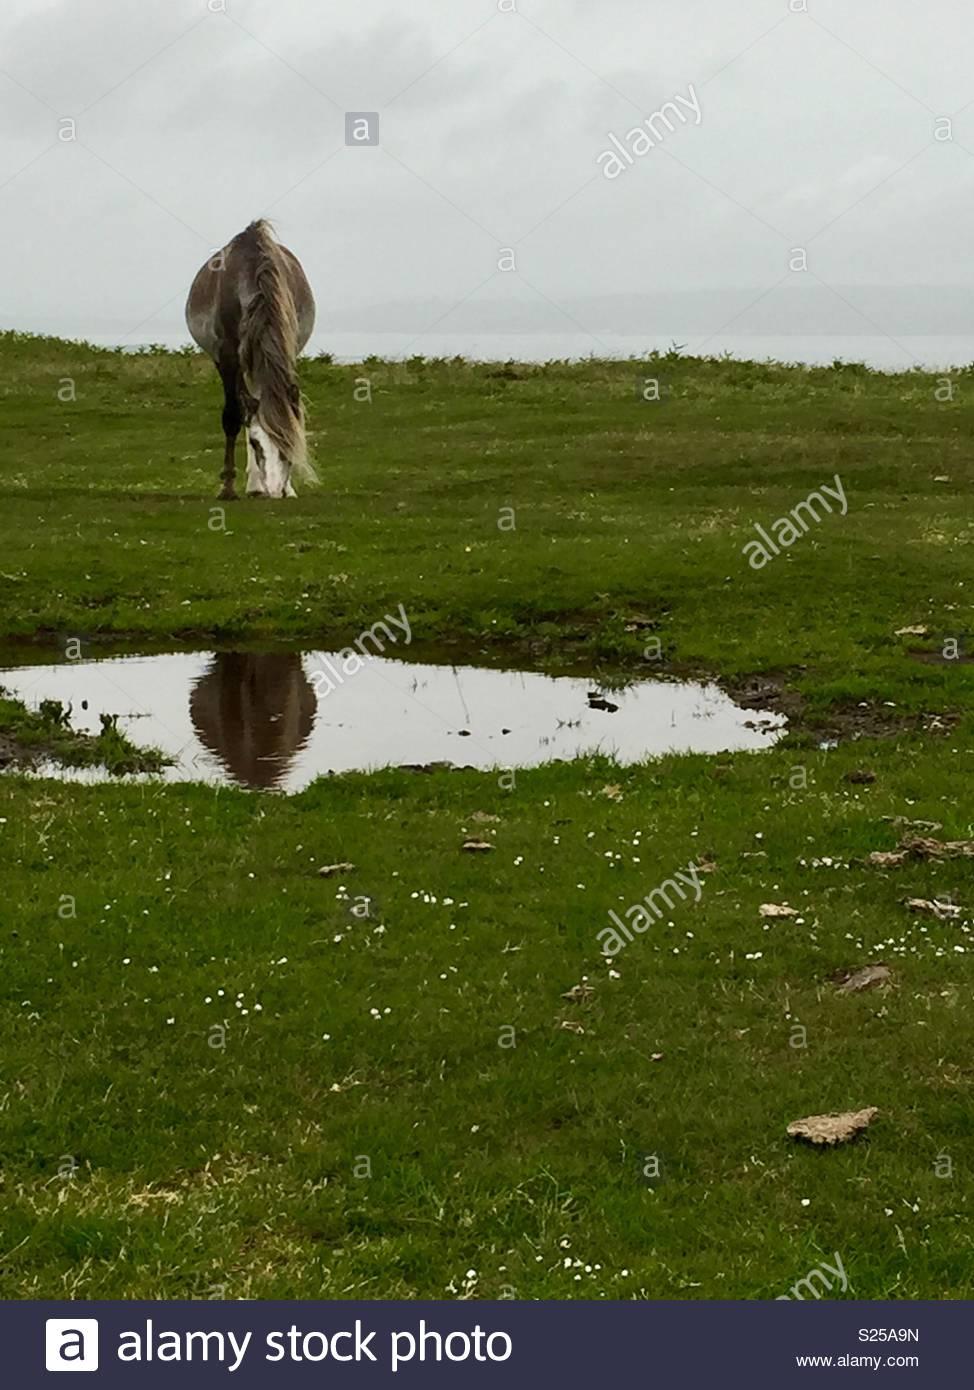 El caballo se refleja en el agua en el campo Imagen De Stock